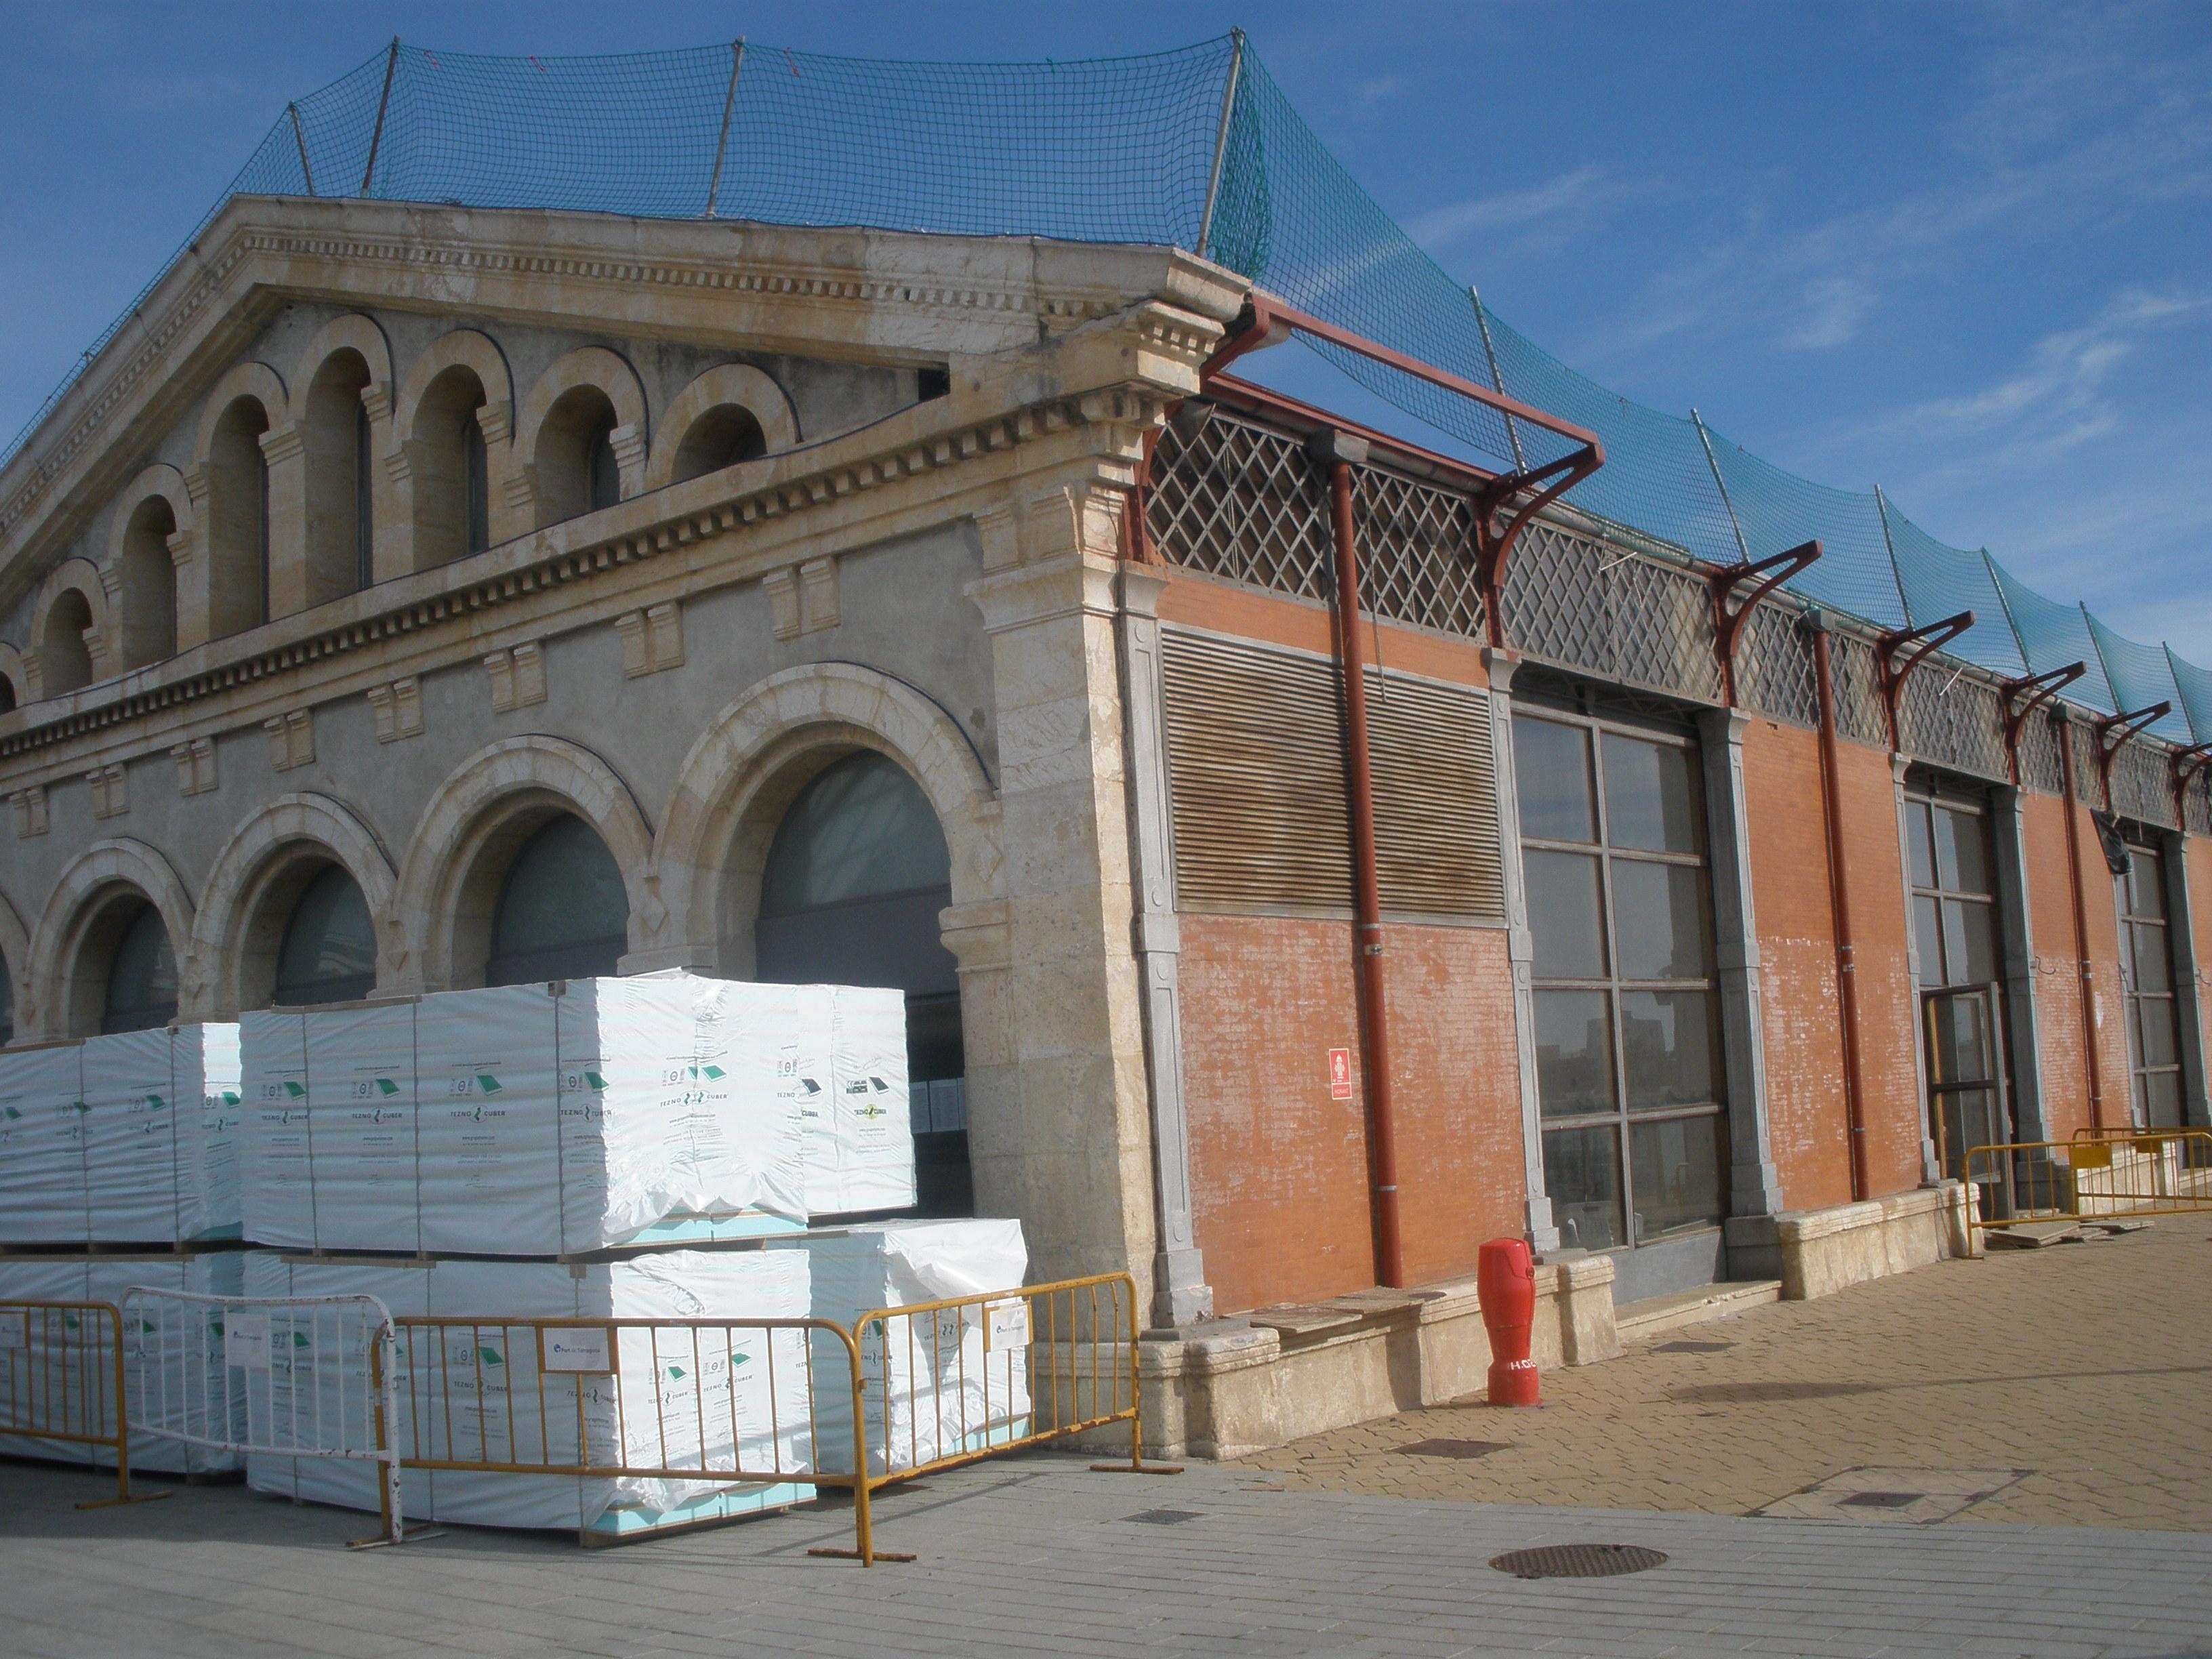 El tinglado 4 es troba en fase de profunda remodelació, a l'interior i a la teulada